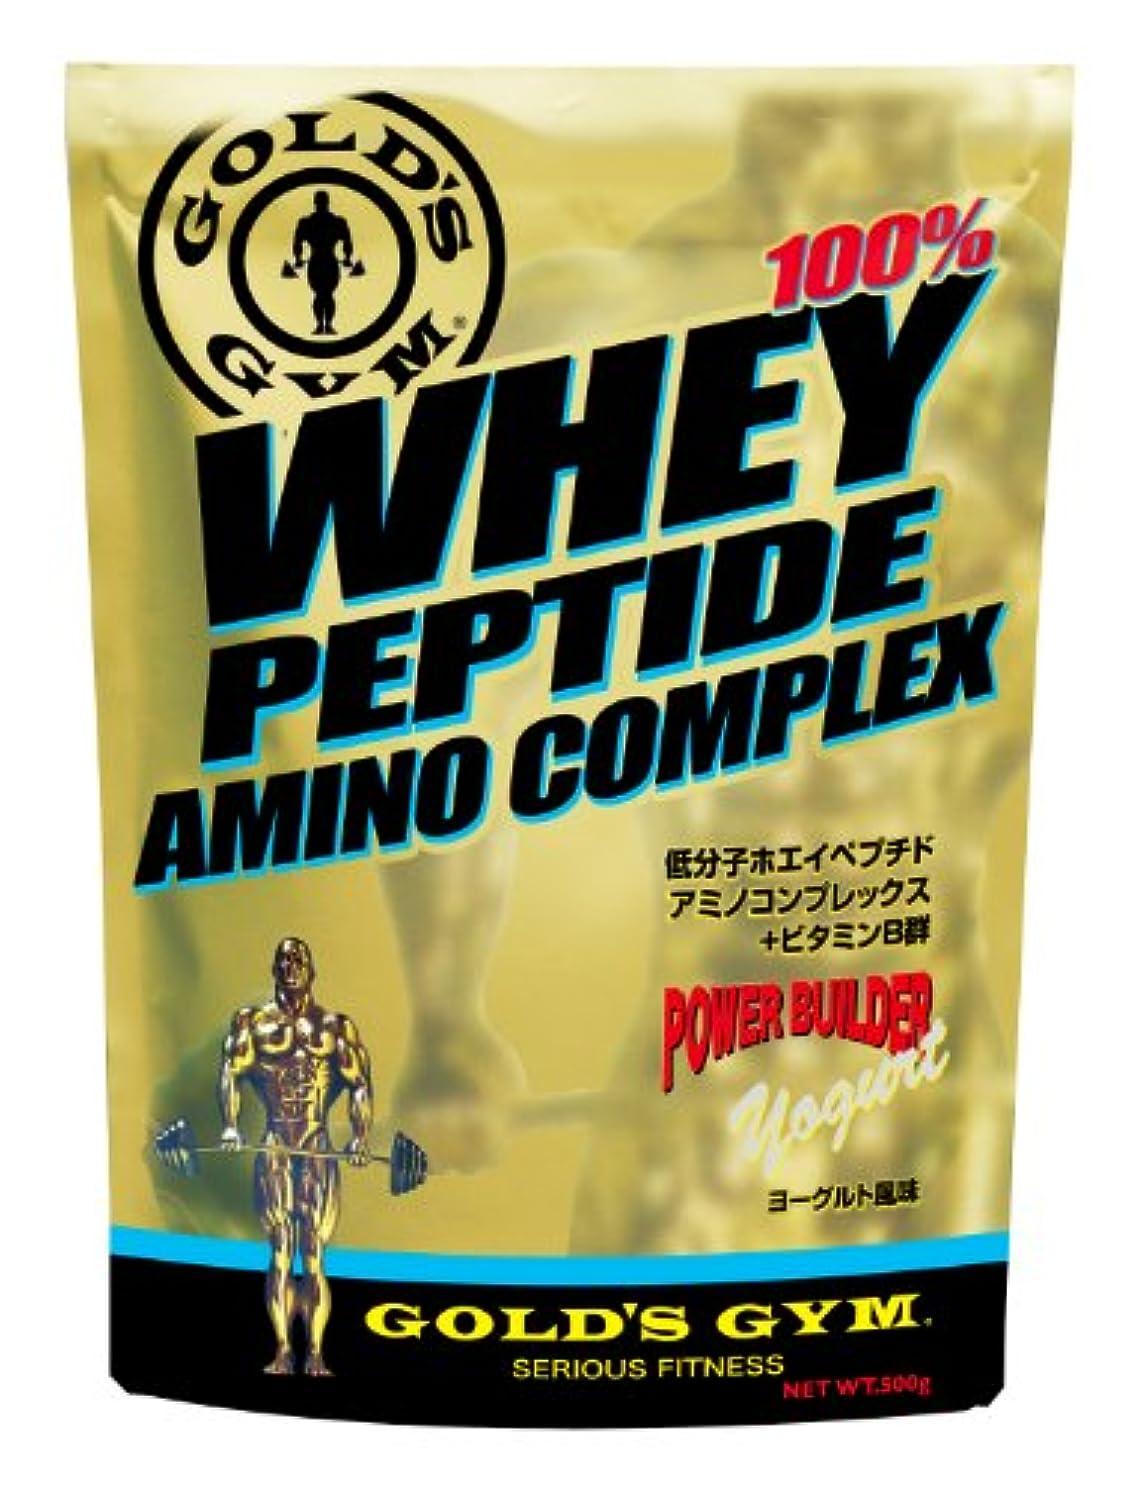 効果十年味付けGOLD'S GYM ホエイペプチド アミノコンプレックス ヨーグルト風味 500g